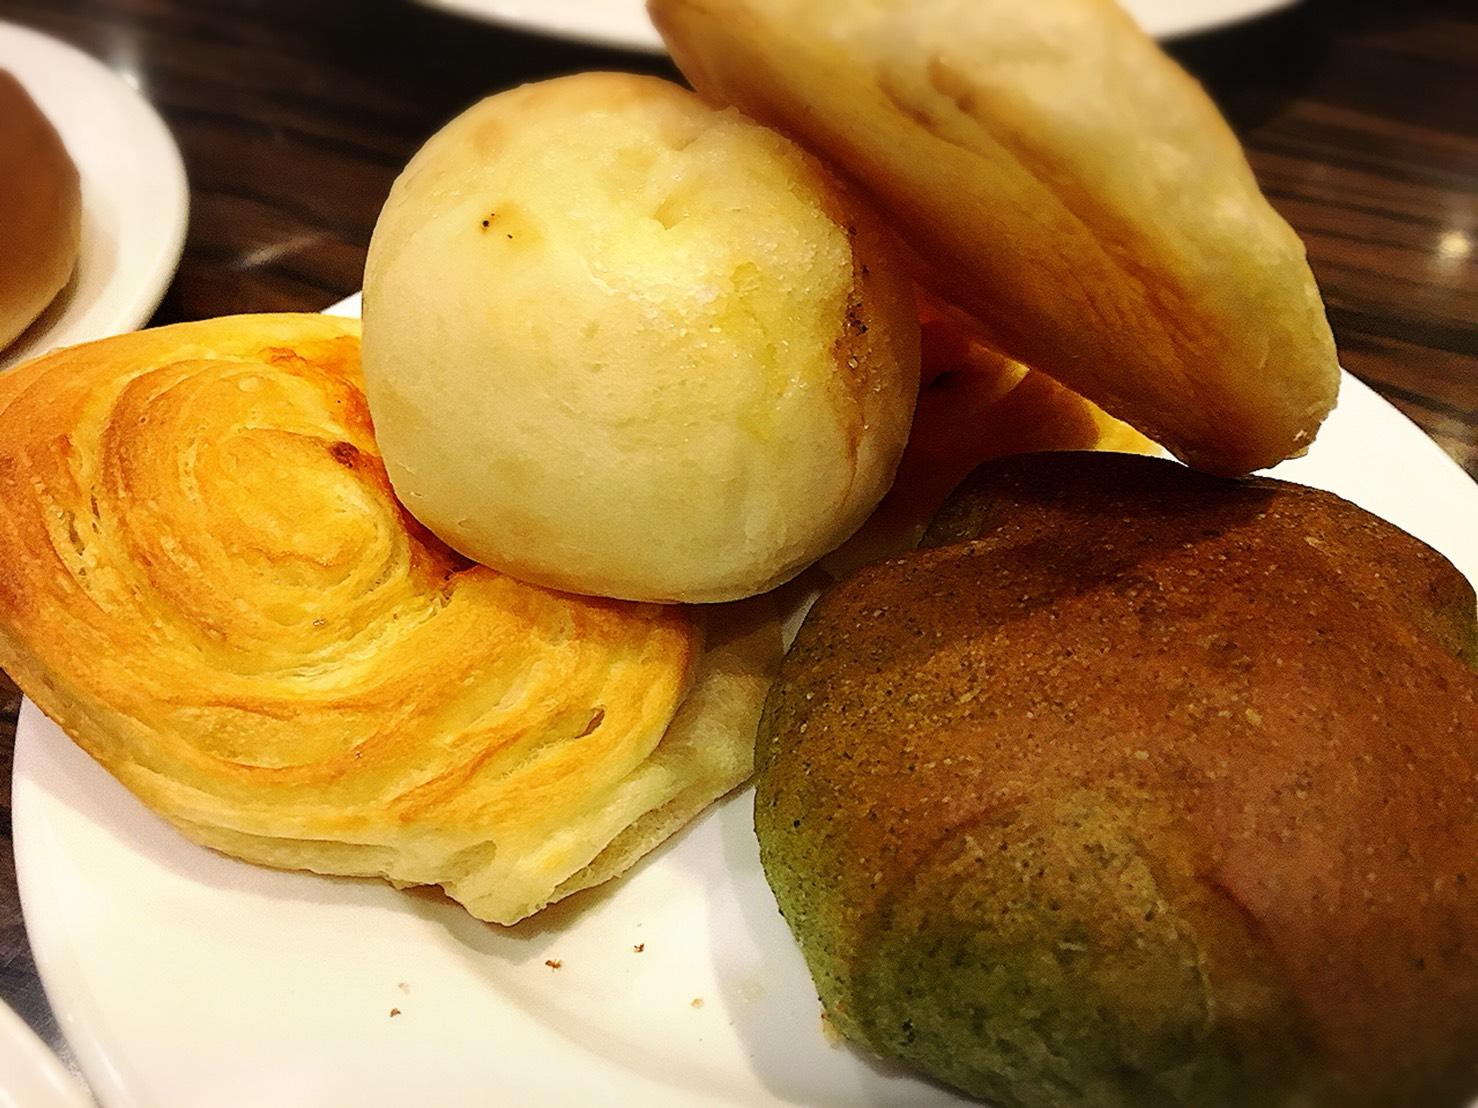 【池袋駅】自家製パン食べ放題とグリルで満腹「ビストロ309」のパン食べ放題1